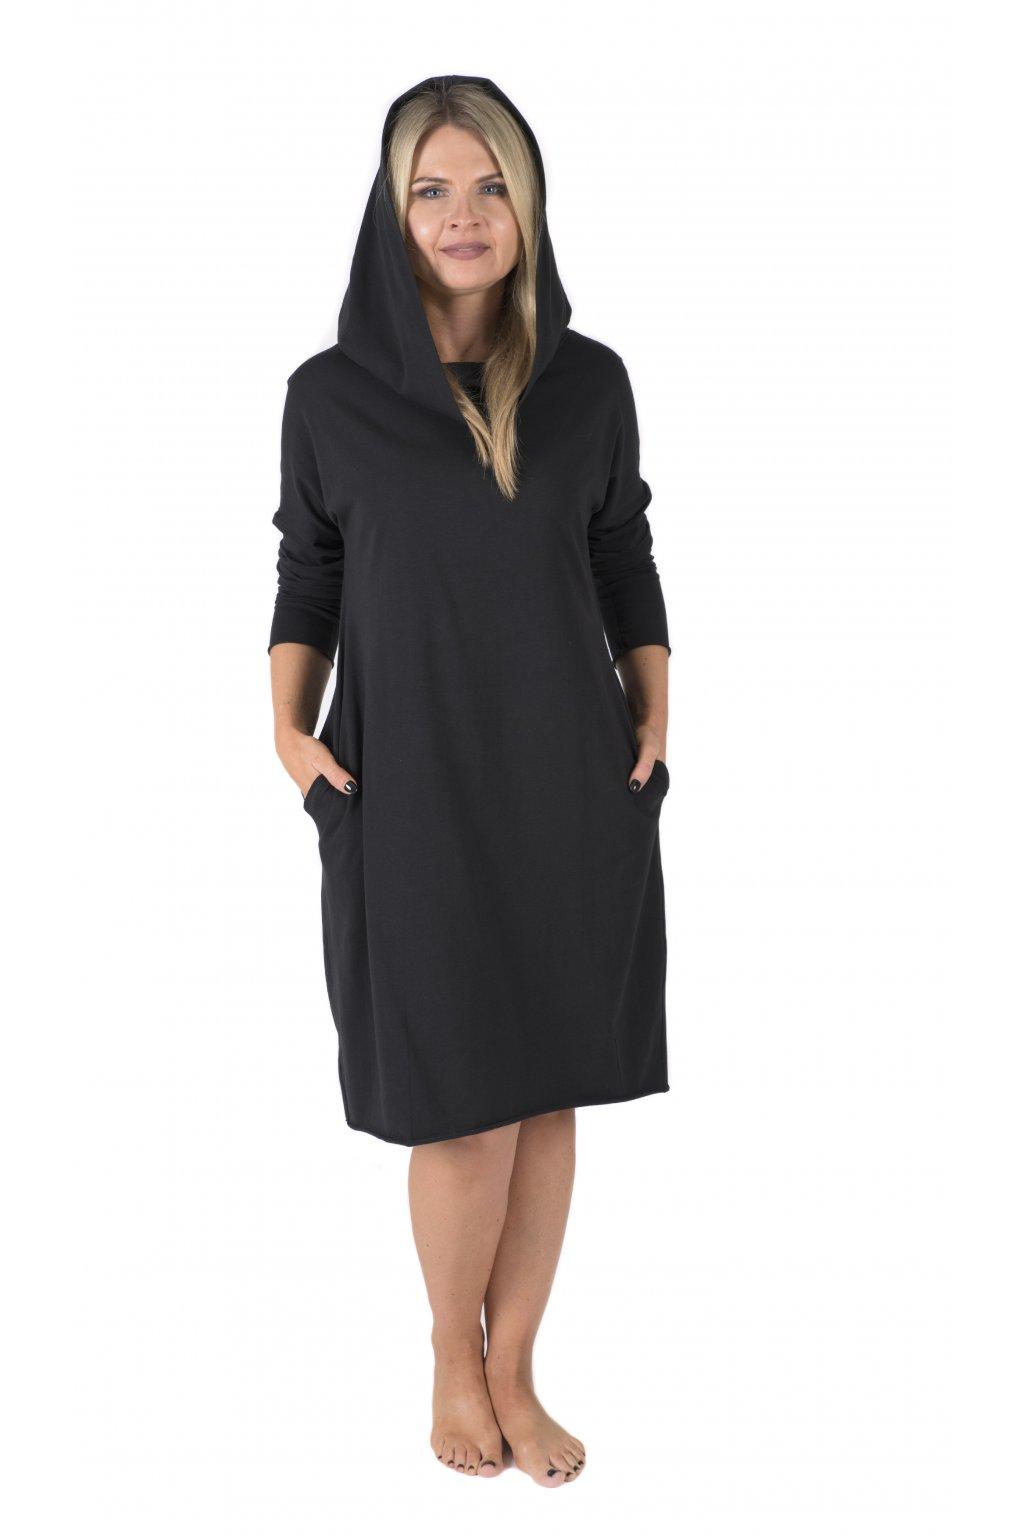 Šaty s kapucí a kapsami Arduinna / Černá